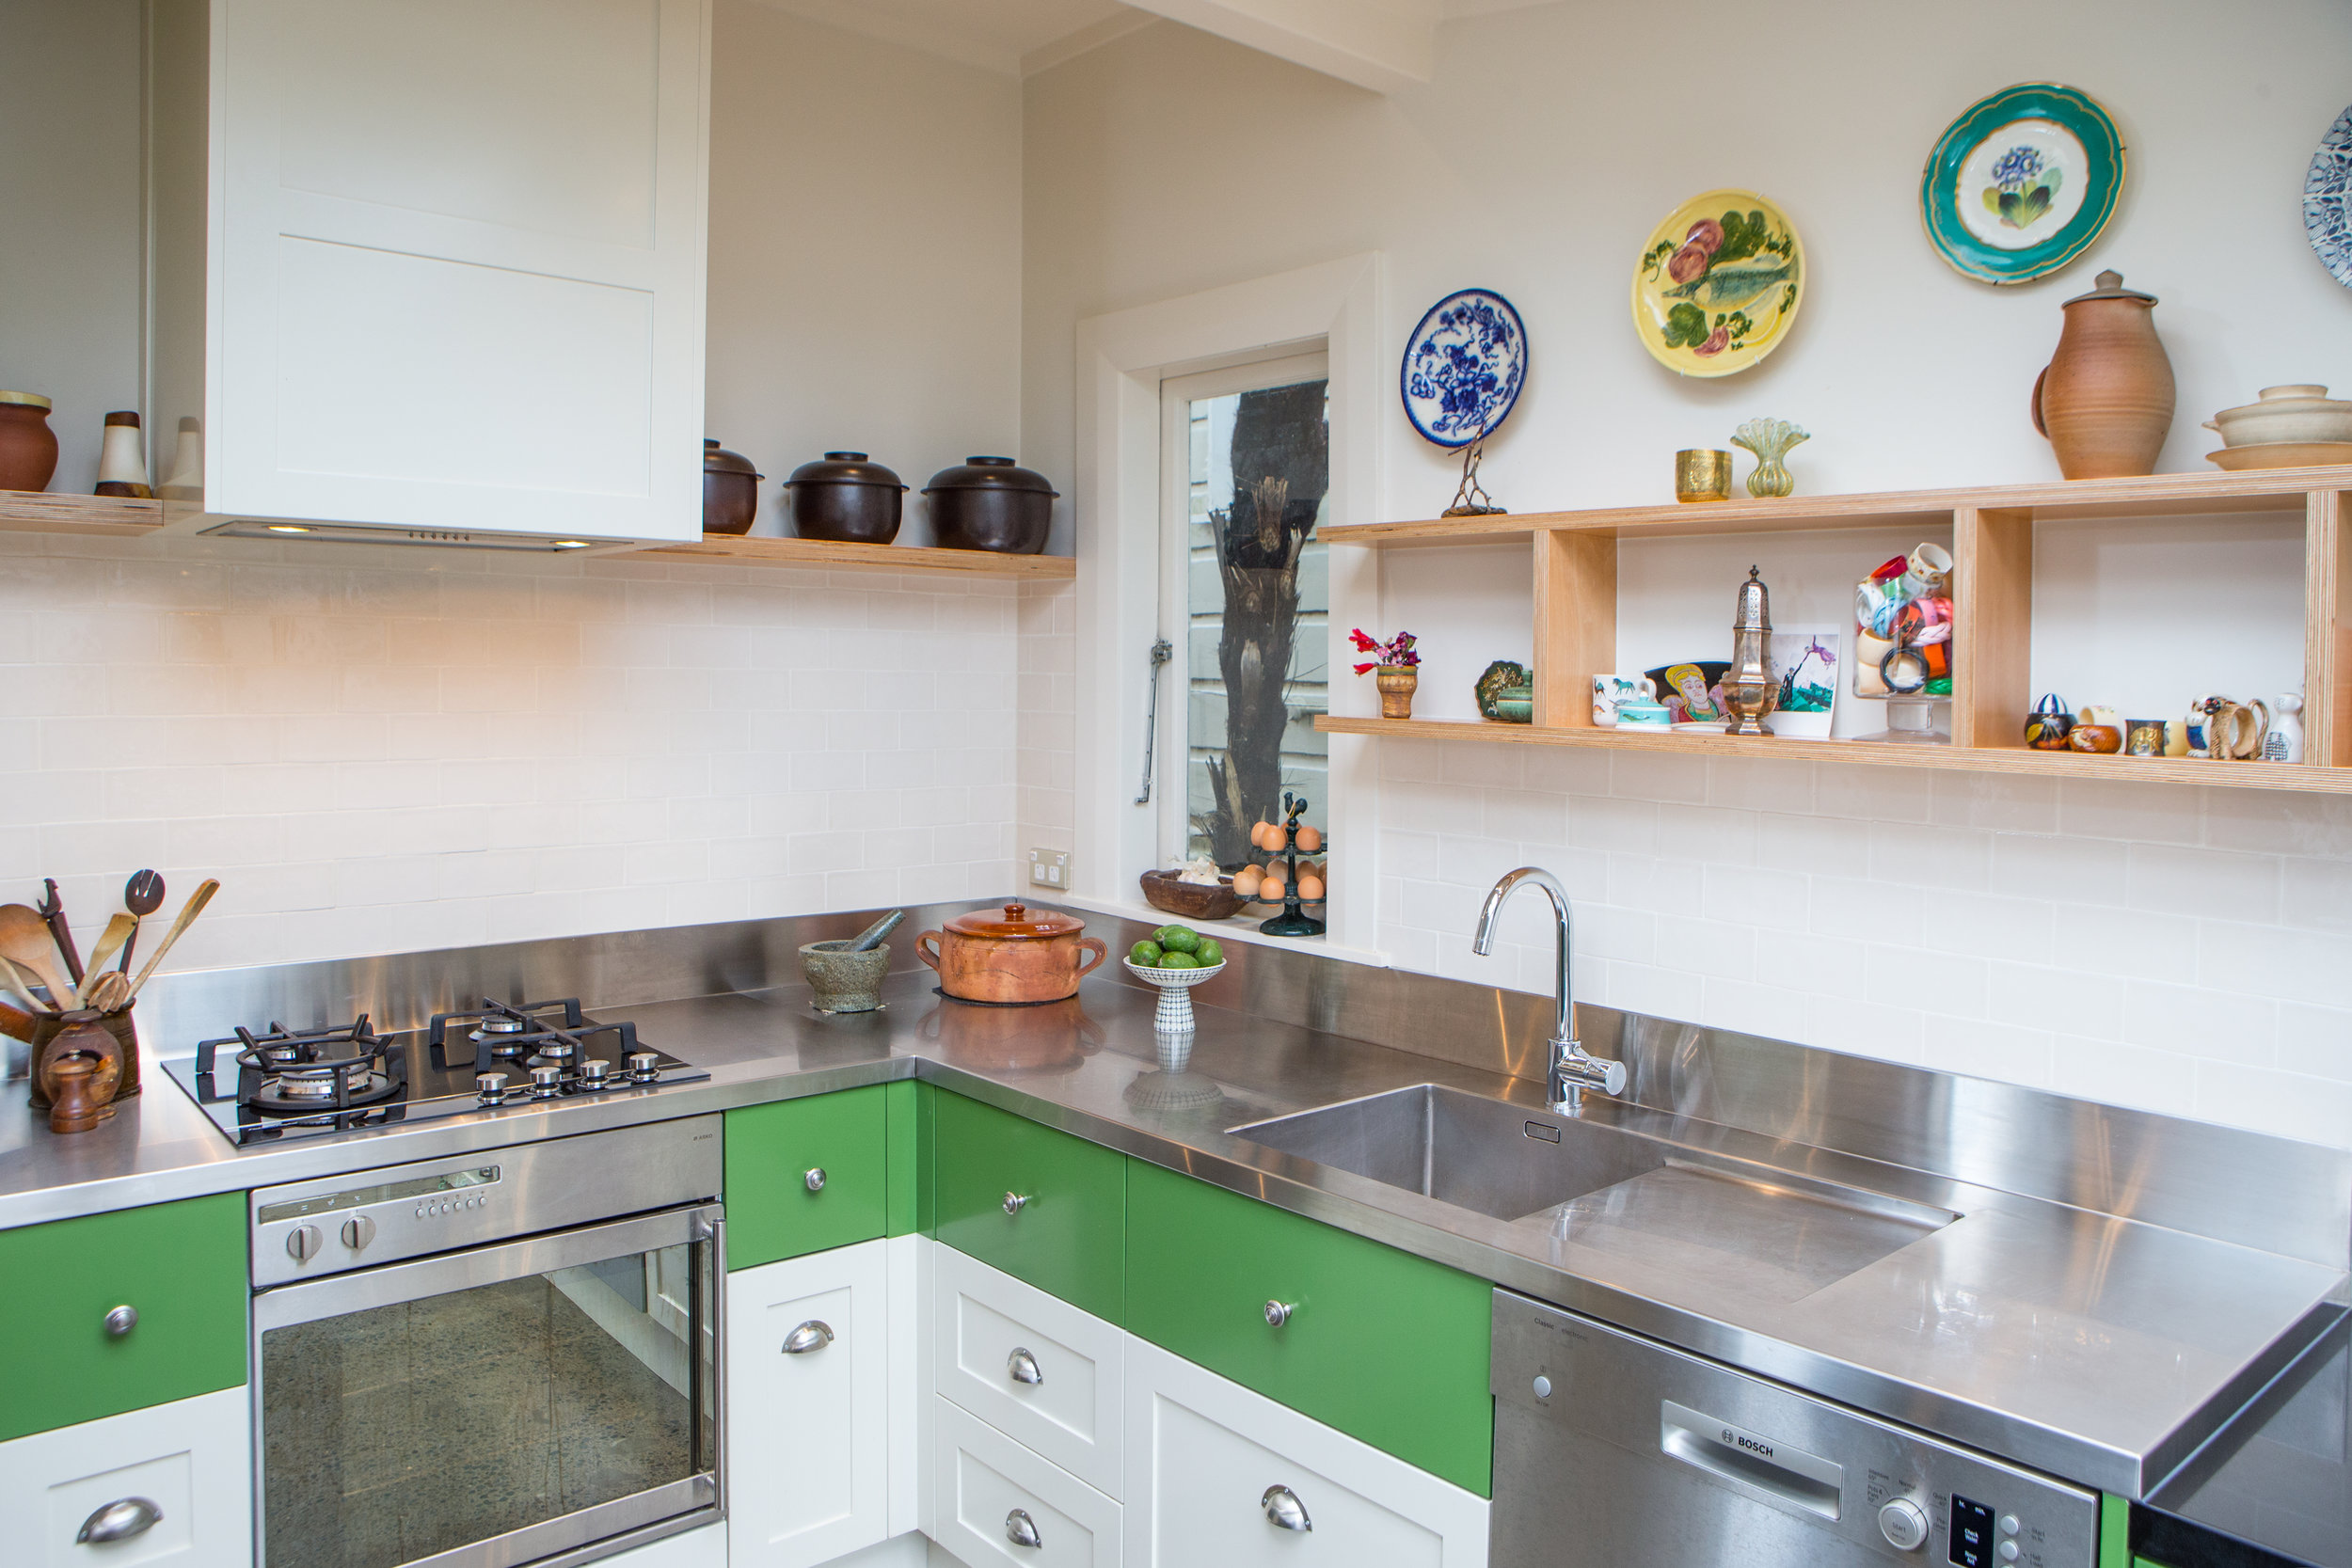 In Haus Design Green Kitchen 13.jpg